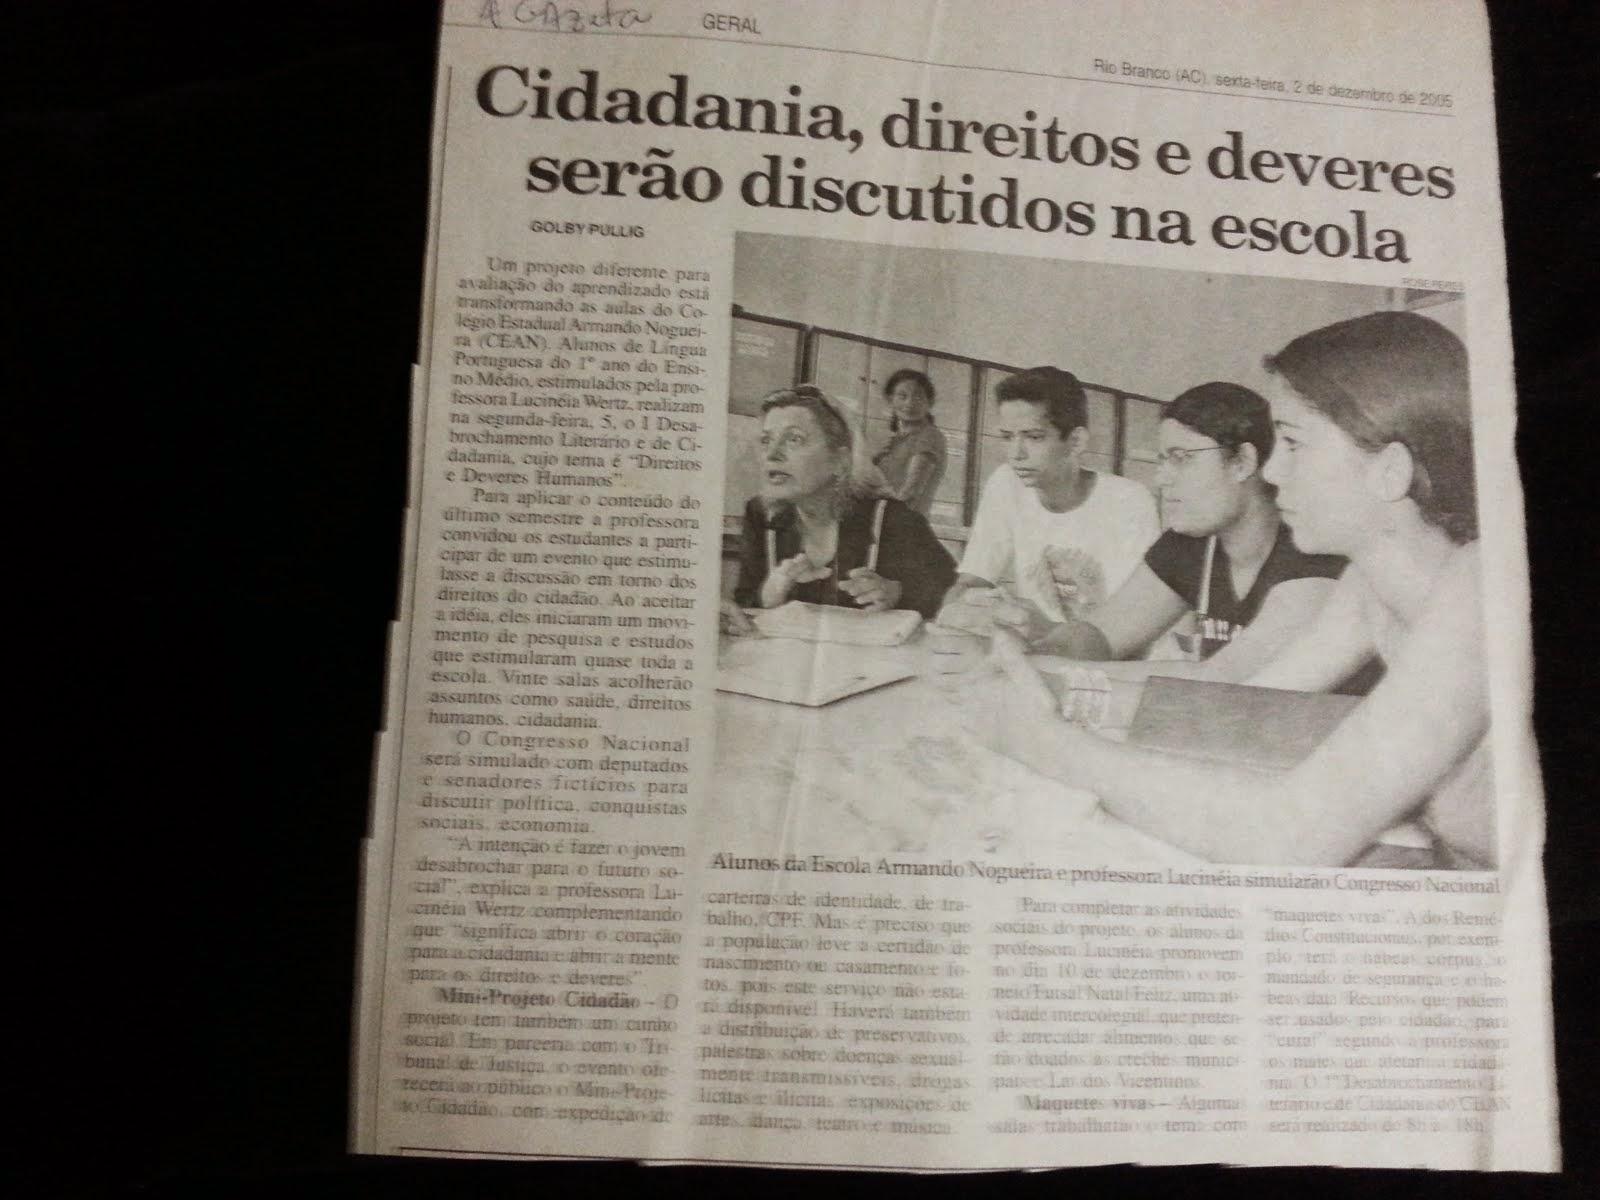 DESABROCHAMENTO LITERÁRIO OS DIREITOS HUMANOS EM CONGRESSO da Escola Armando Nogueira e BCCCV